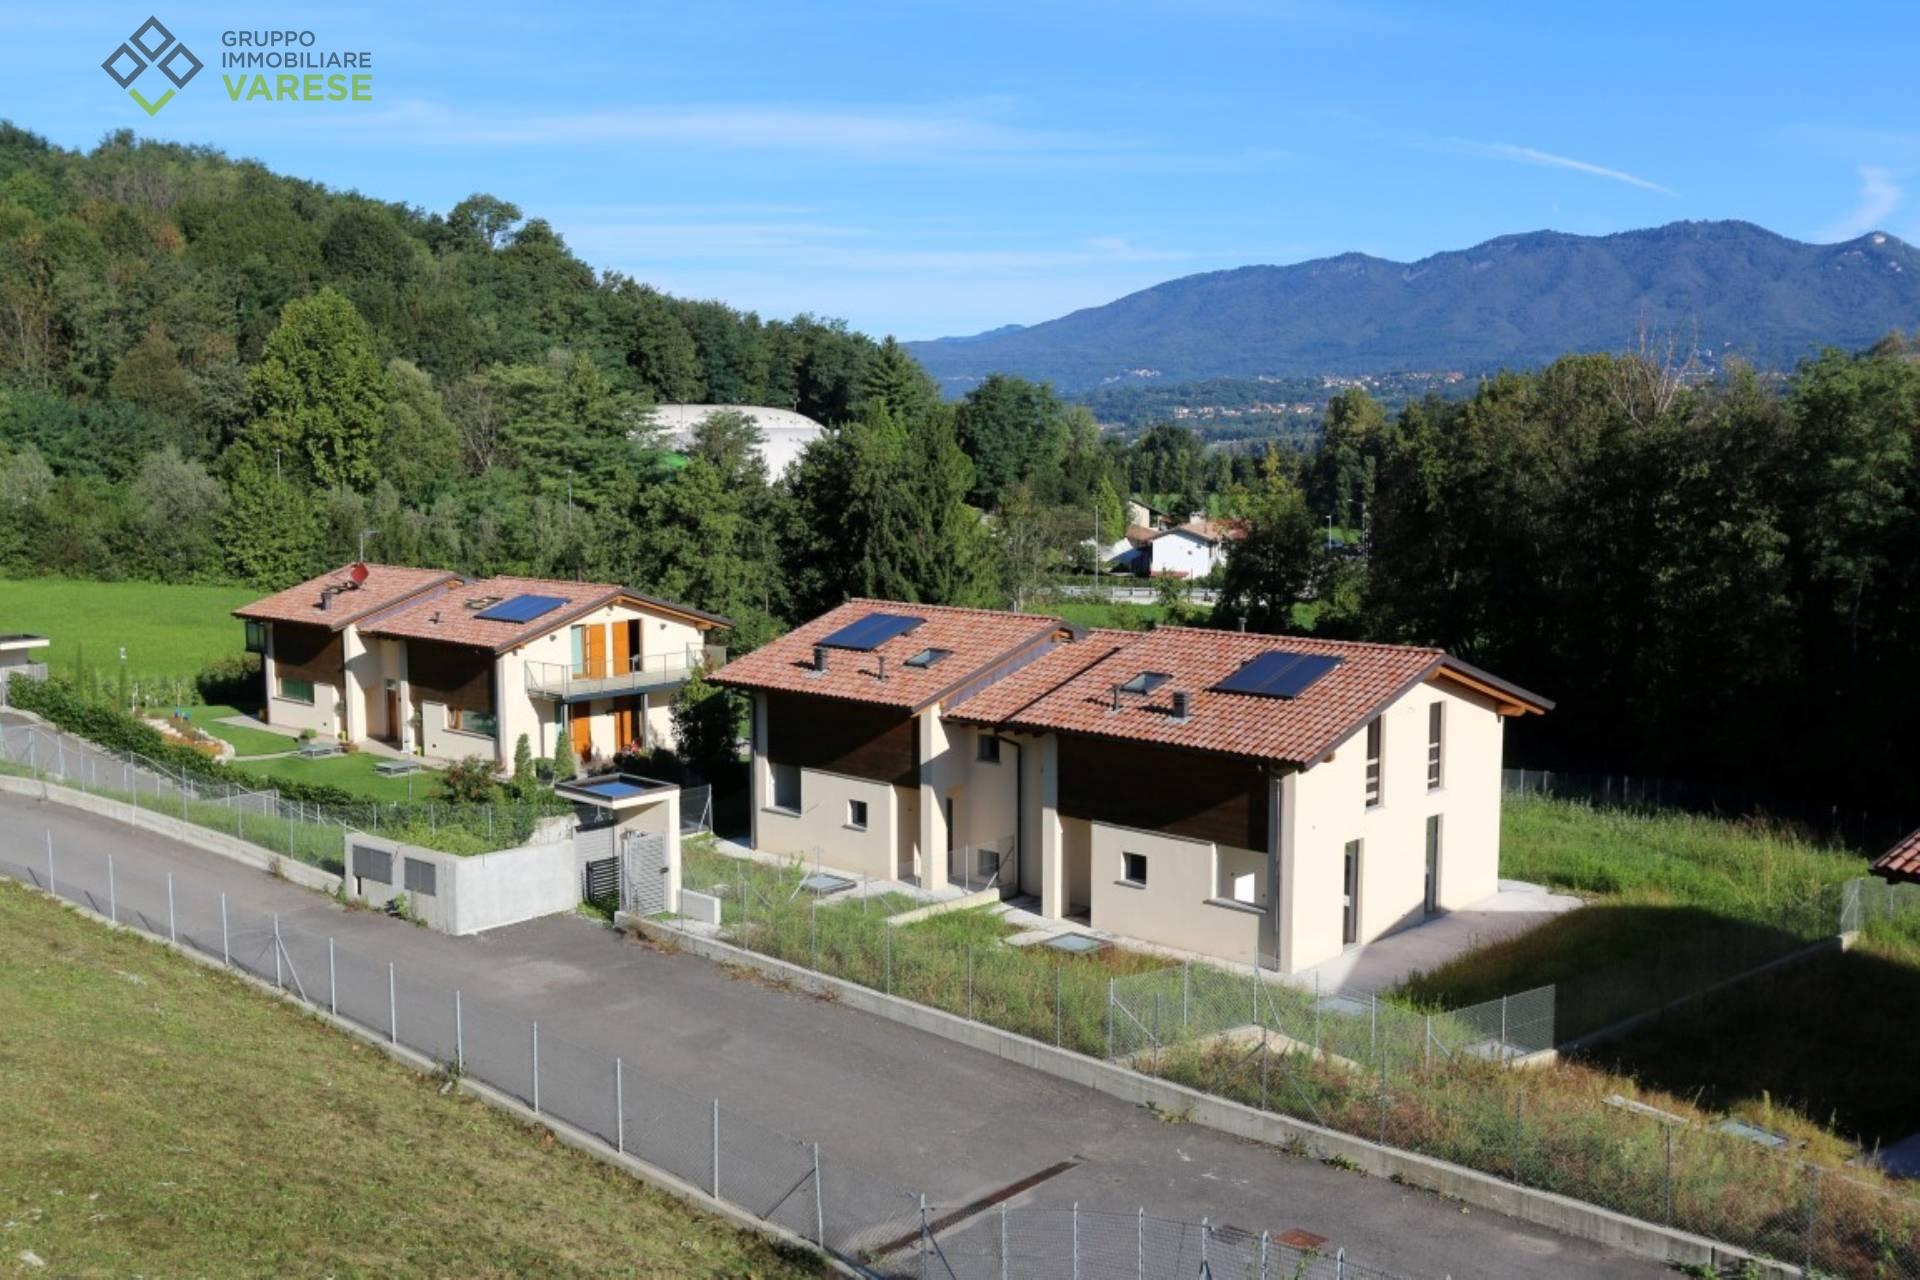 Villa in vendita a Galliate Lombardo, 8 locali, zona Località: C.naCampaccio, prezzo € 380.000 | CambioCasa.it